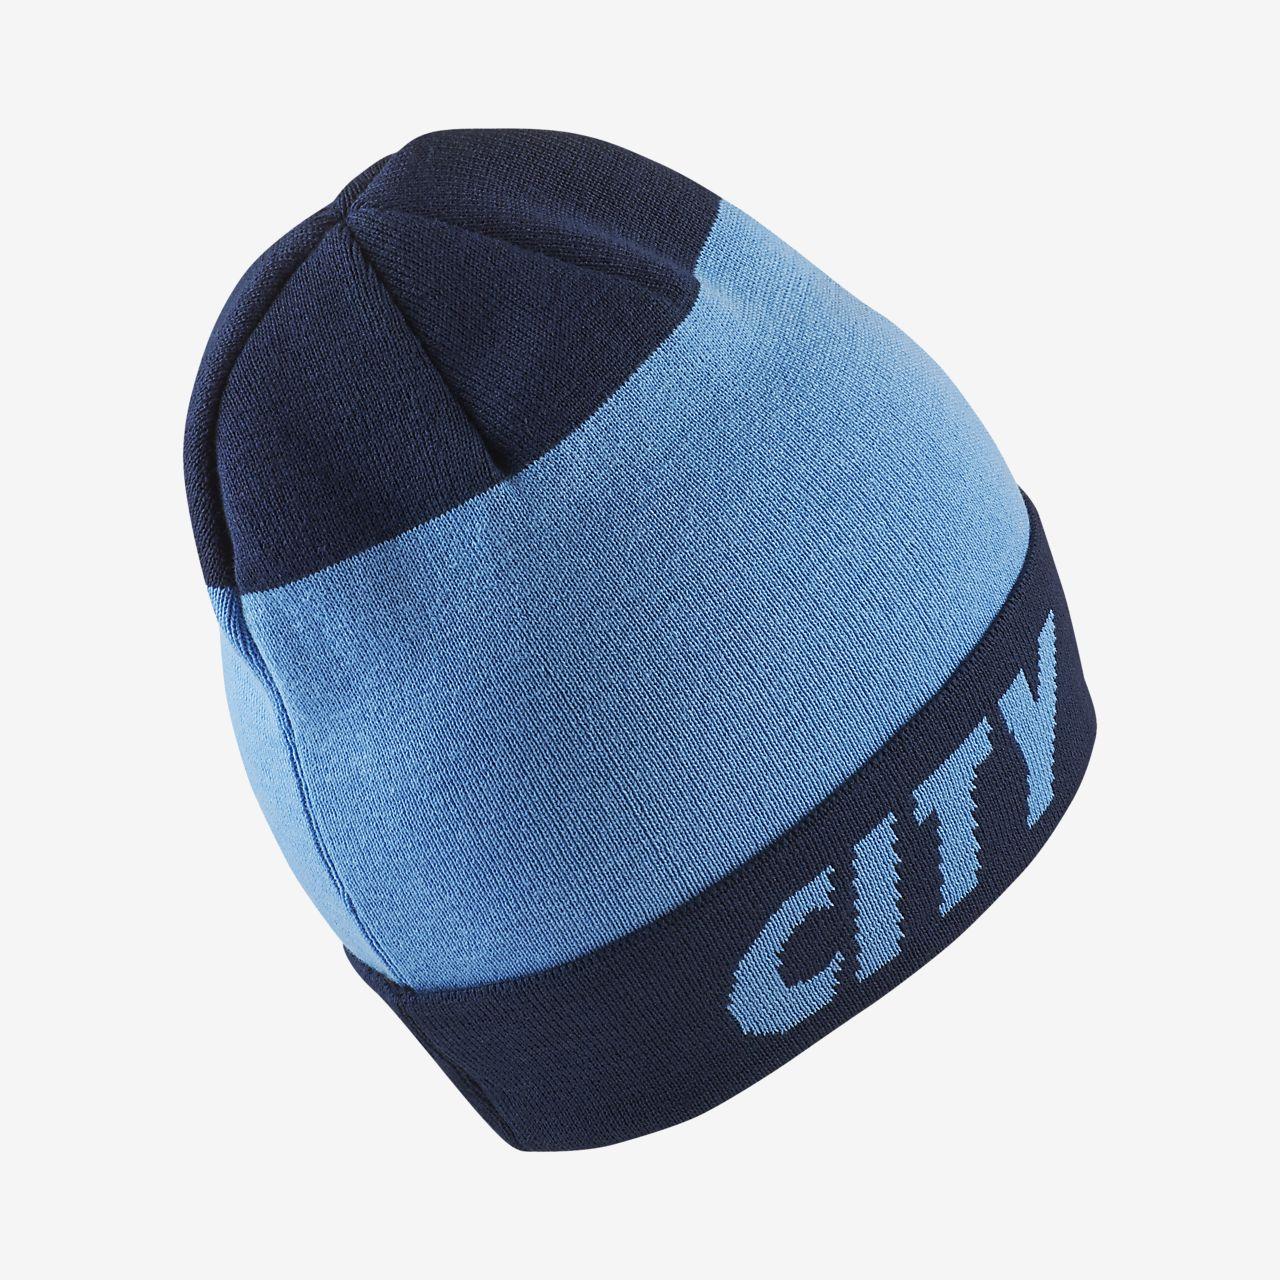 7449265ce32 Manchester City FC Dri-FIT Beanie. Nike.com CA